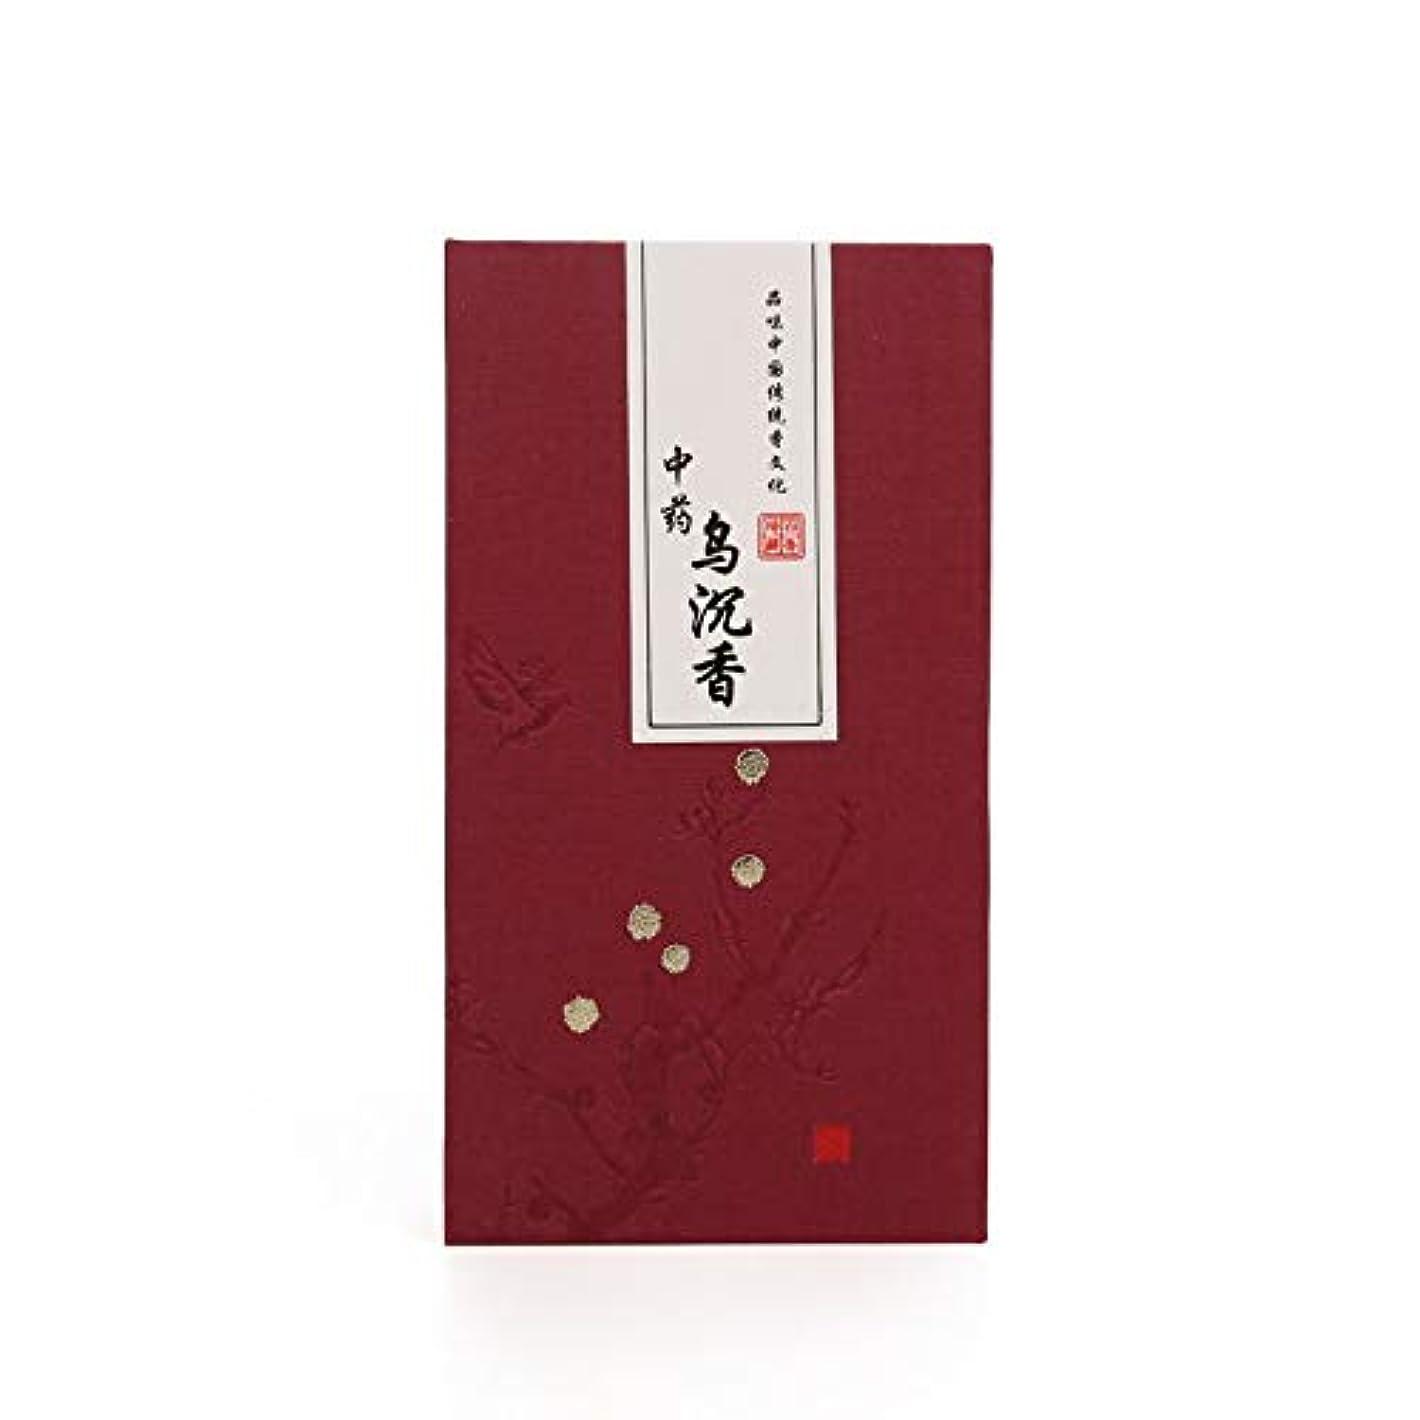 納税者神話草Diatems - 絶妙な箱入りの天然白檀の香りのお香、香りの木、辺材、ヒノキ、2時間、長期的な仏香、アロマテラピー[鳥サンダルウッド]